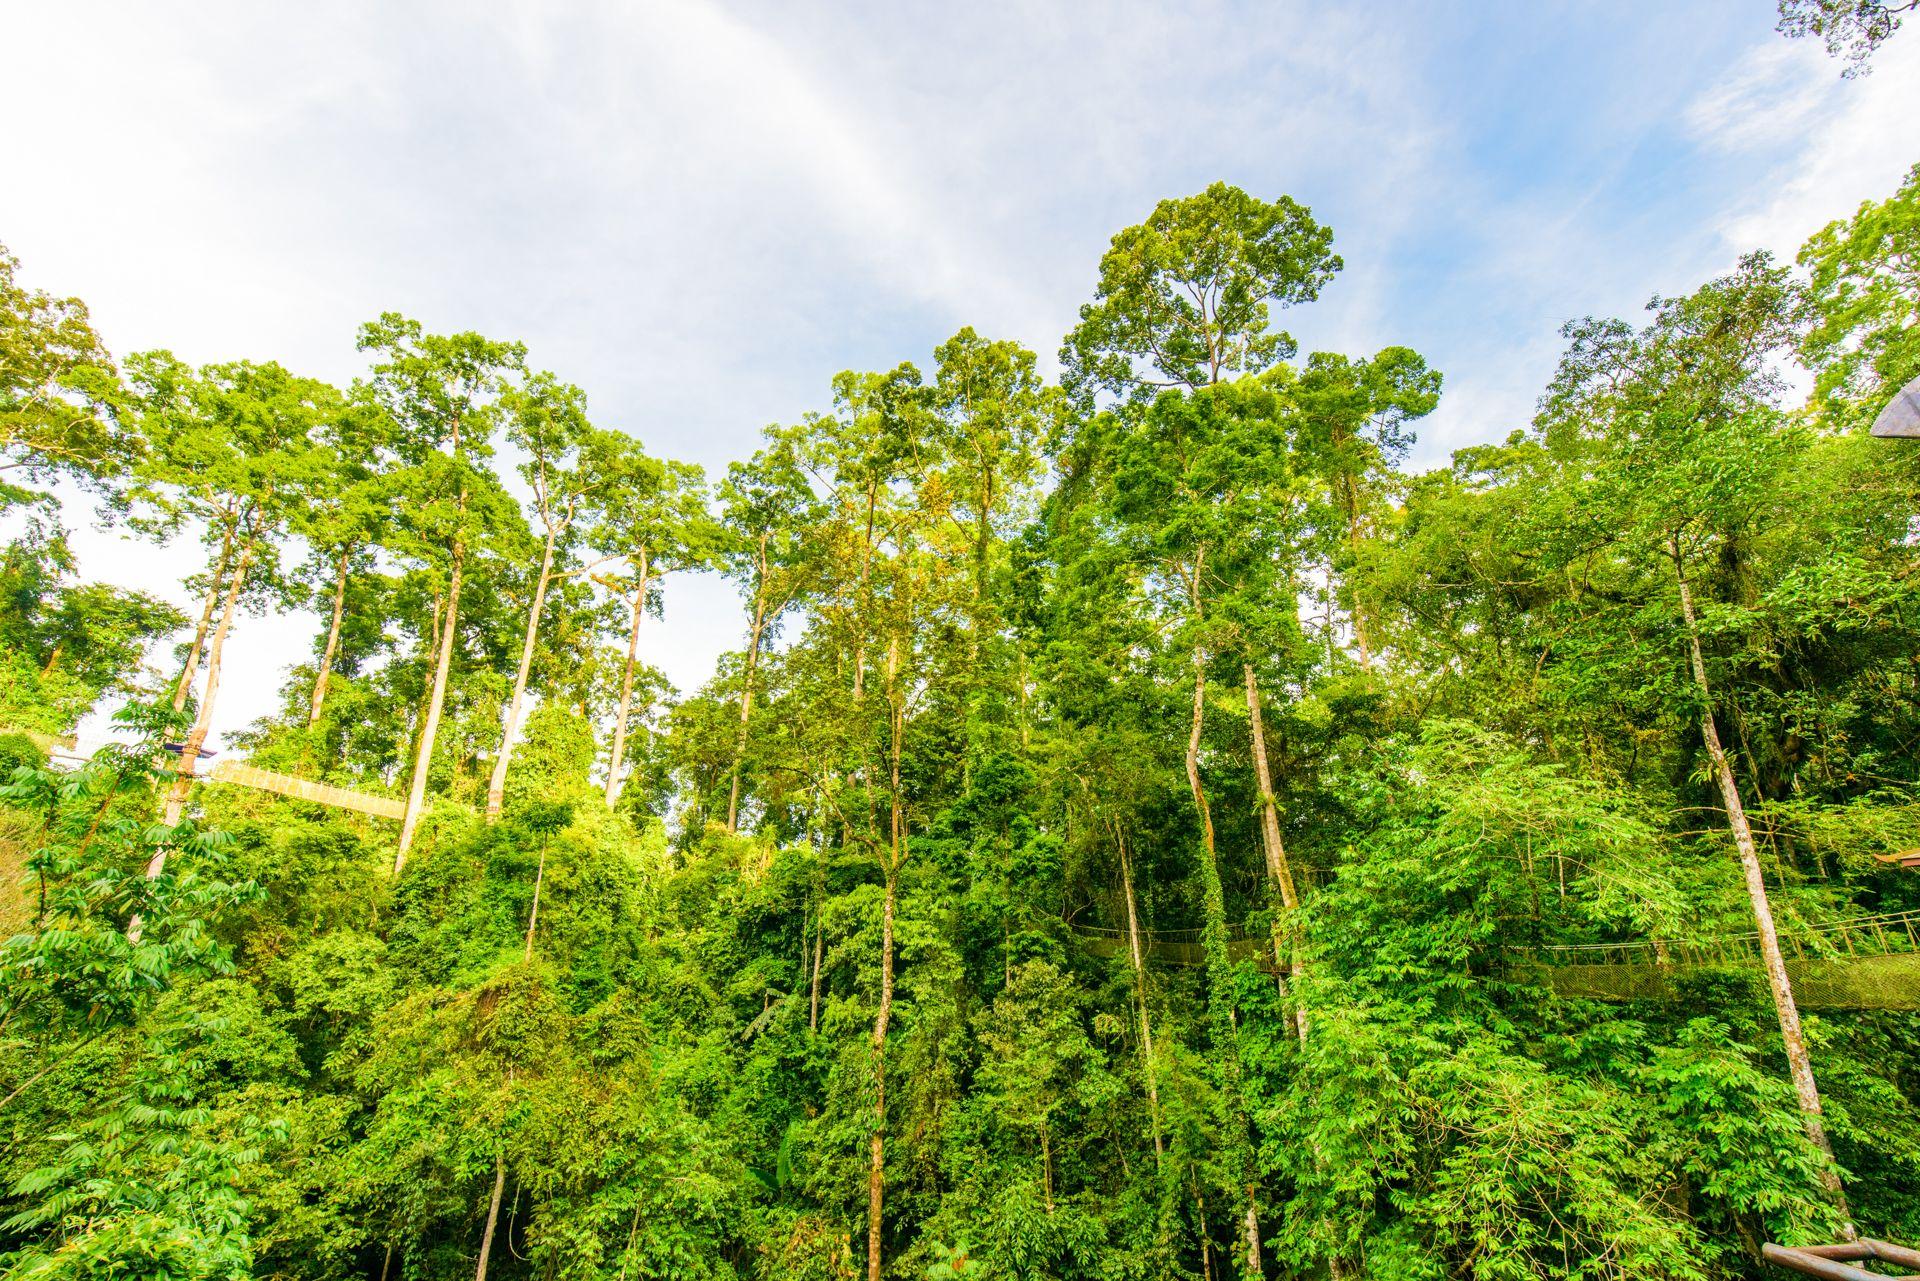 西雙版納熱帶雨林自然保護區